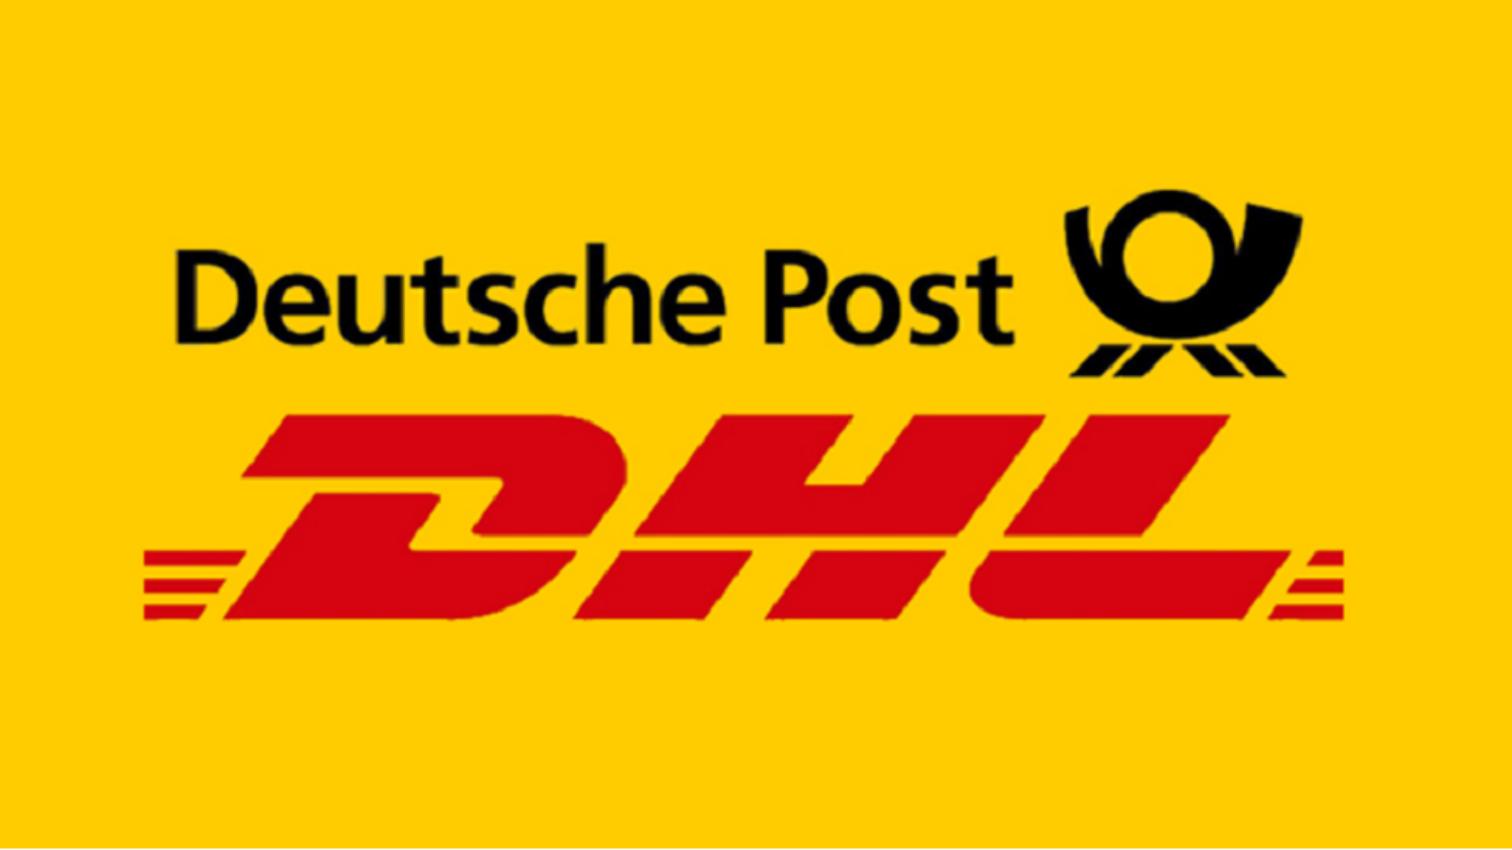 Прогнозы для молодого Alibaba и старого Deutsche Post